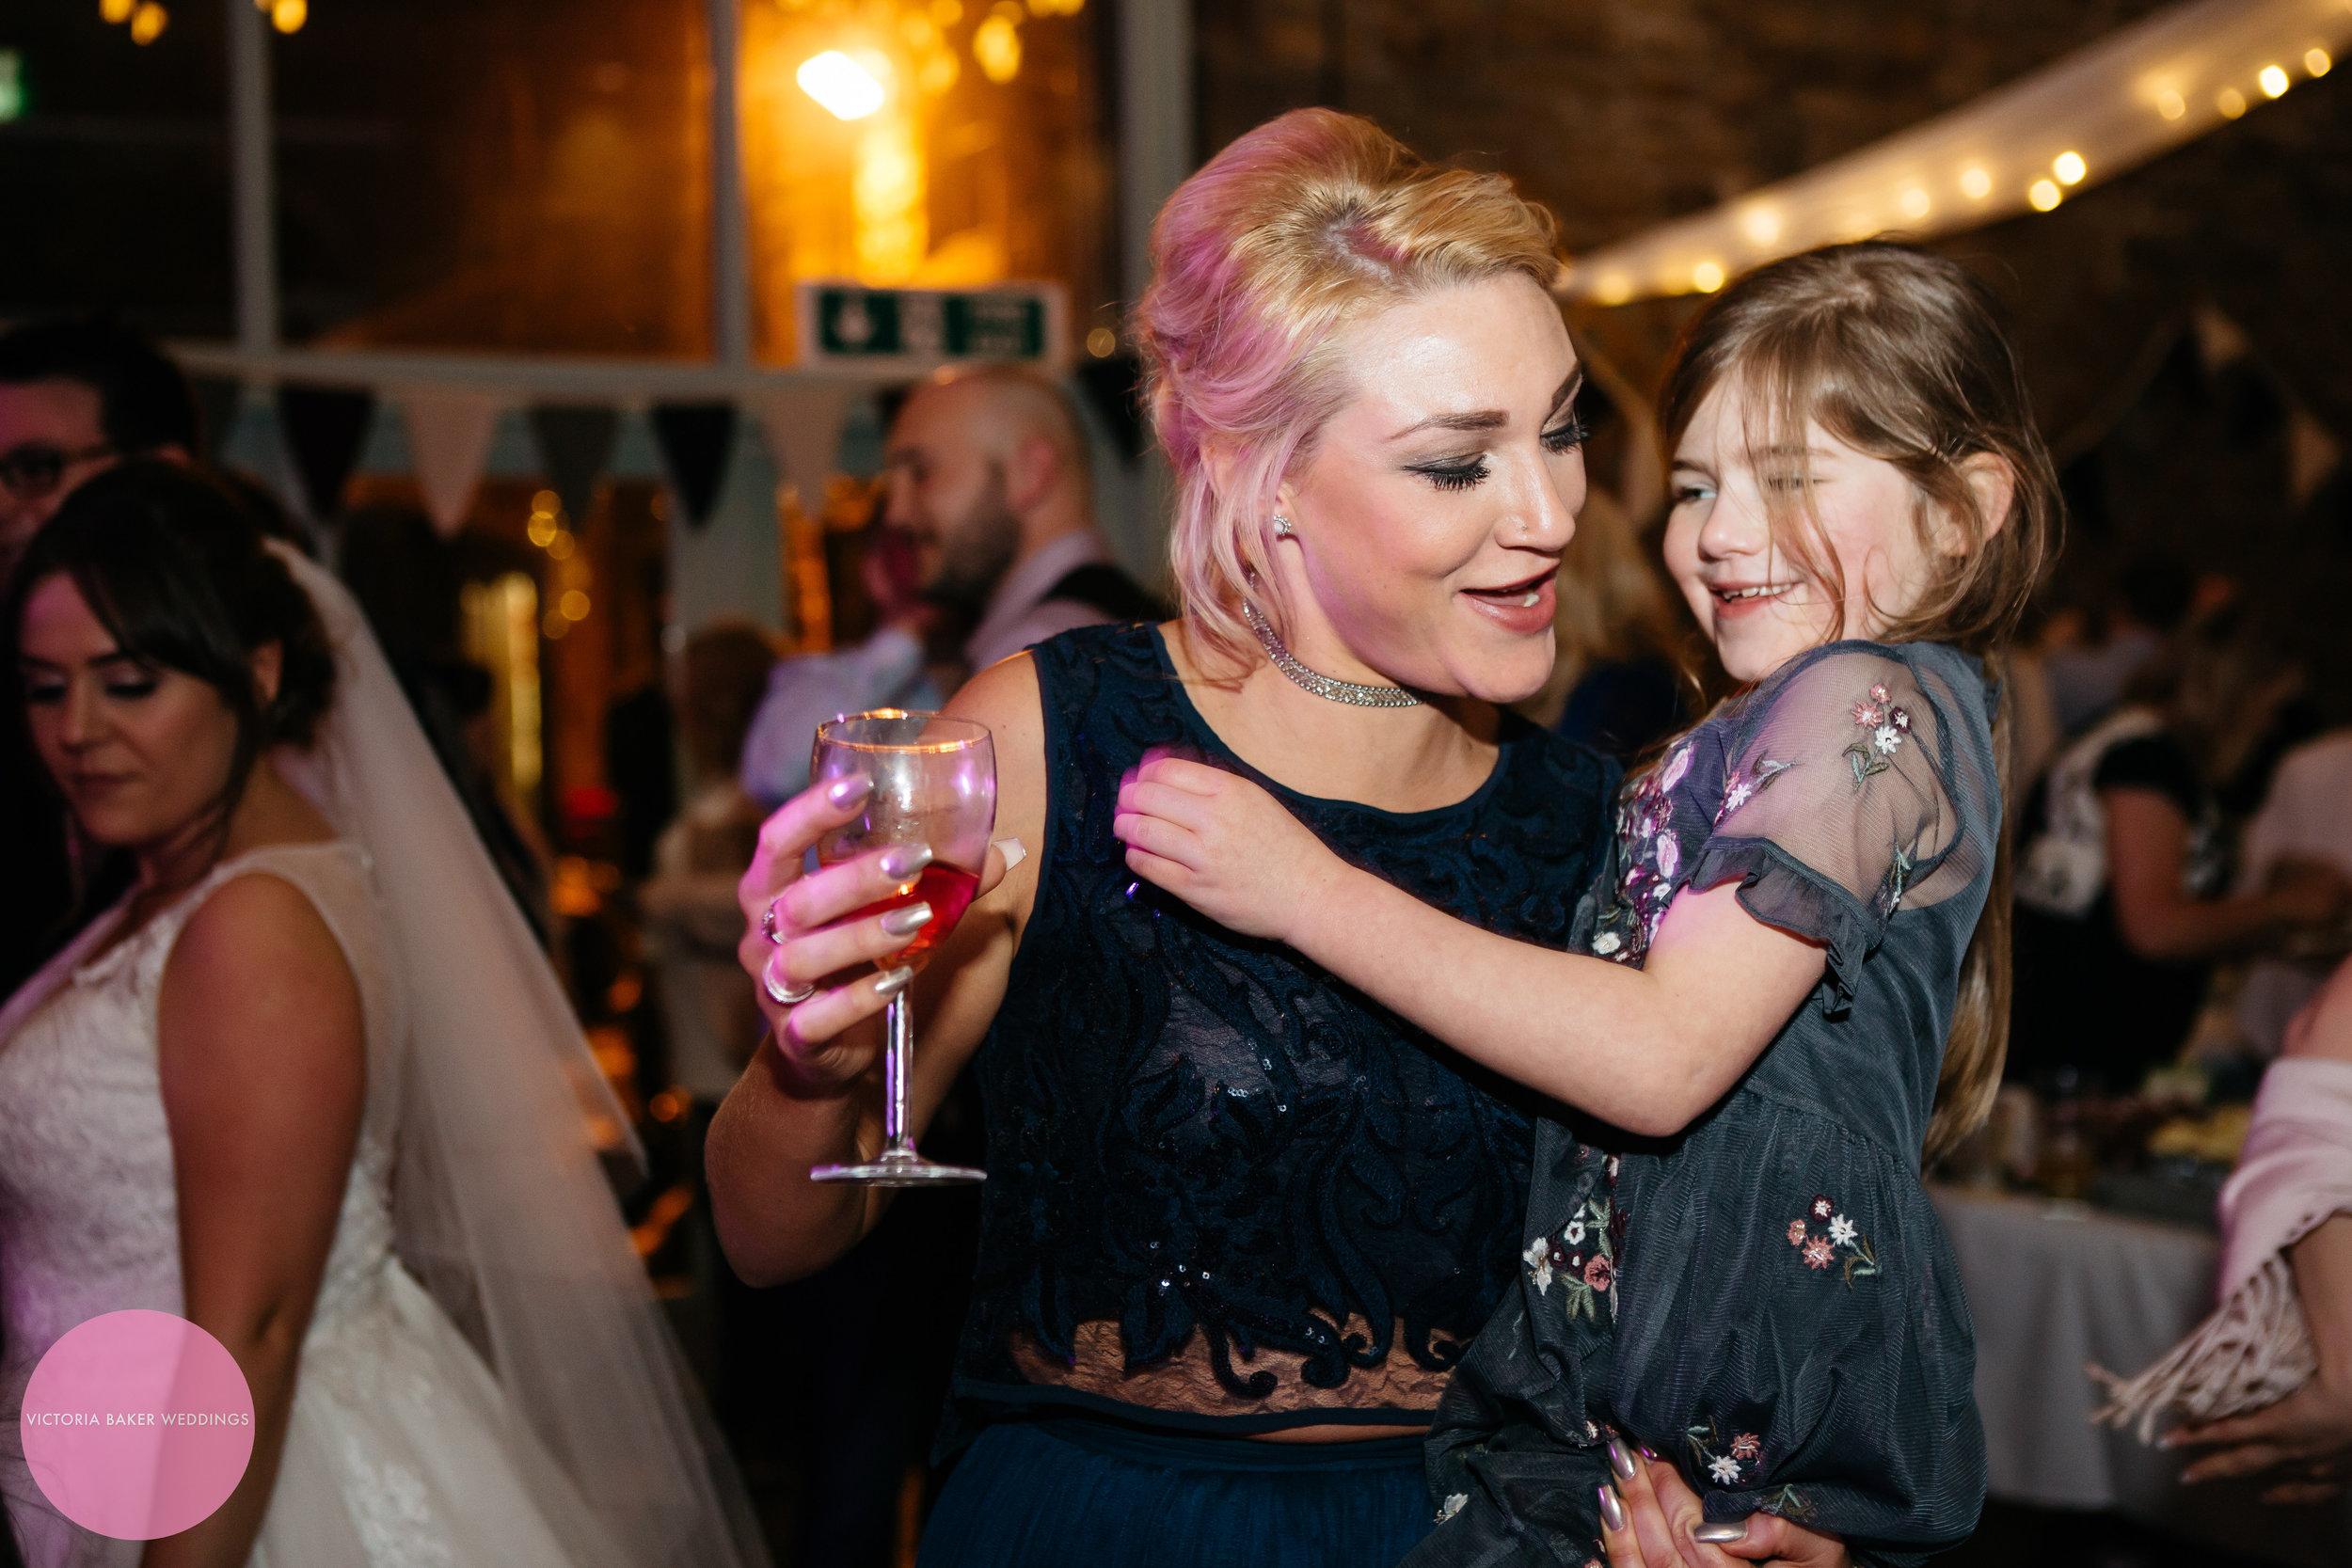 Wedding party dancing bridesmaid